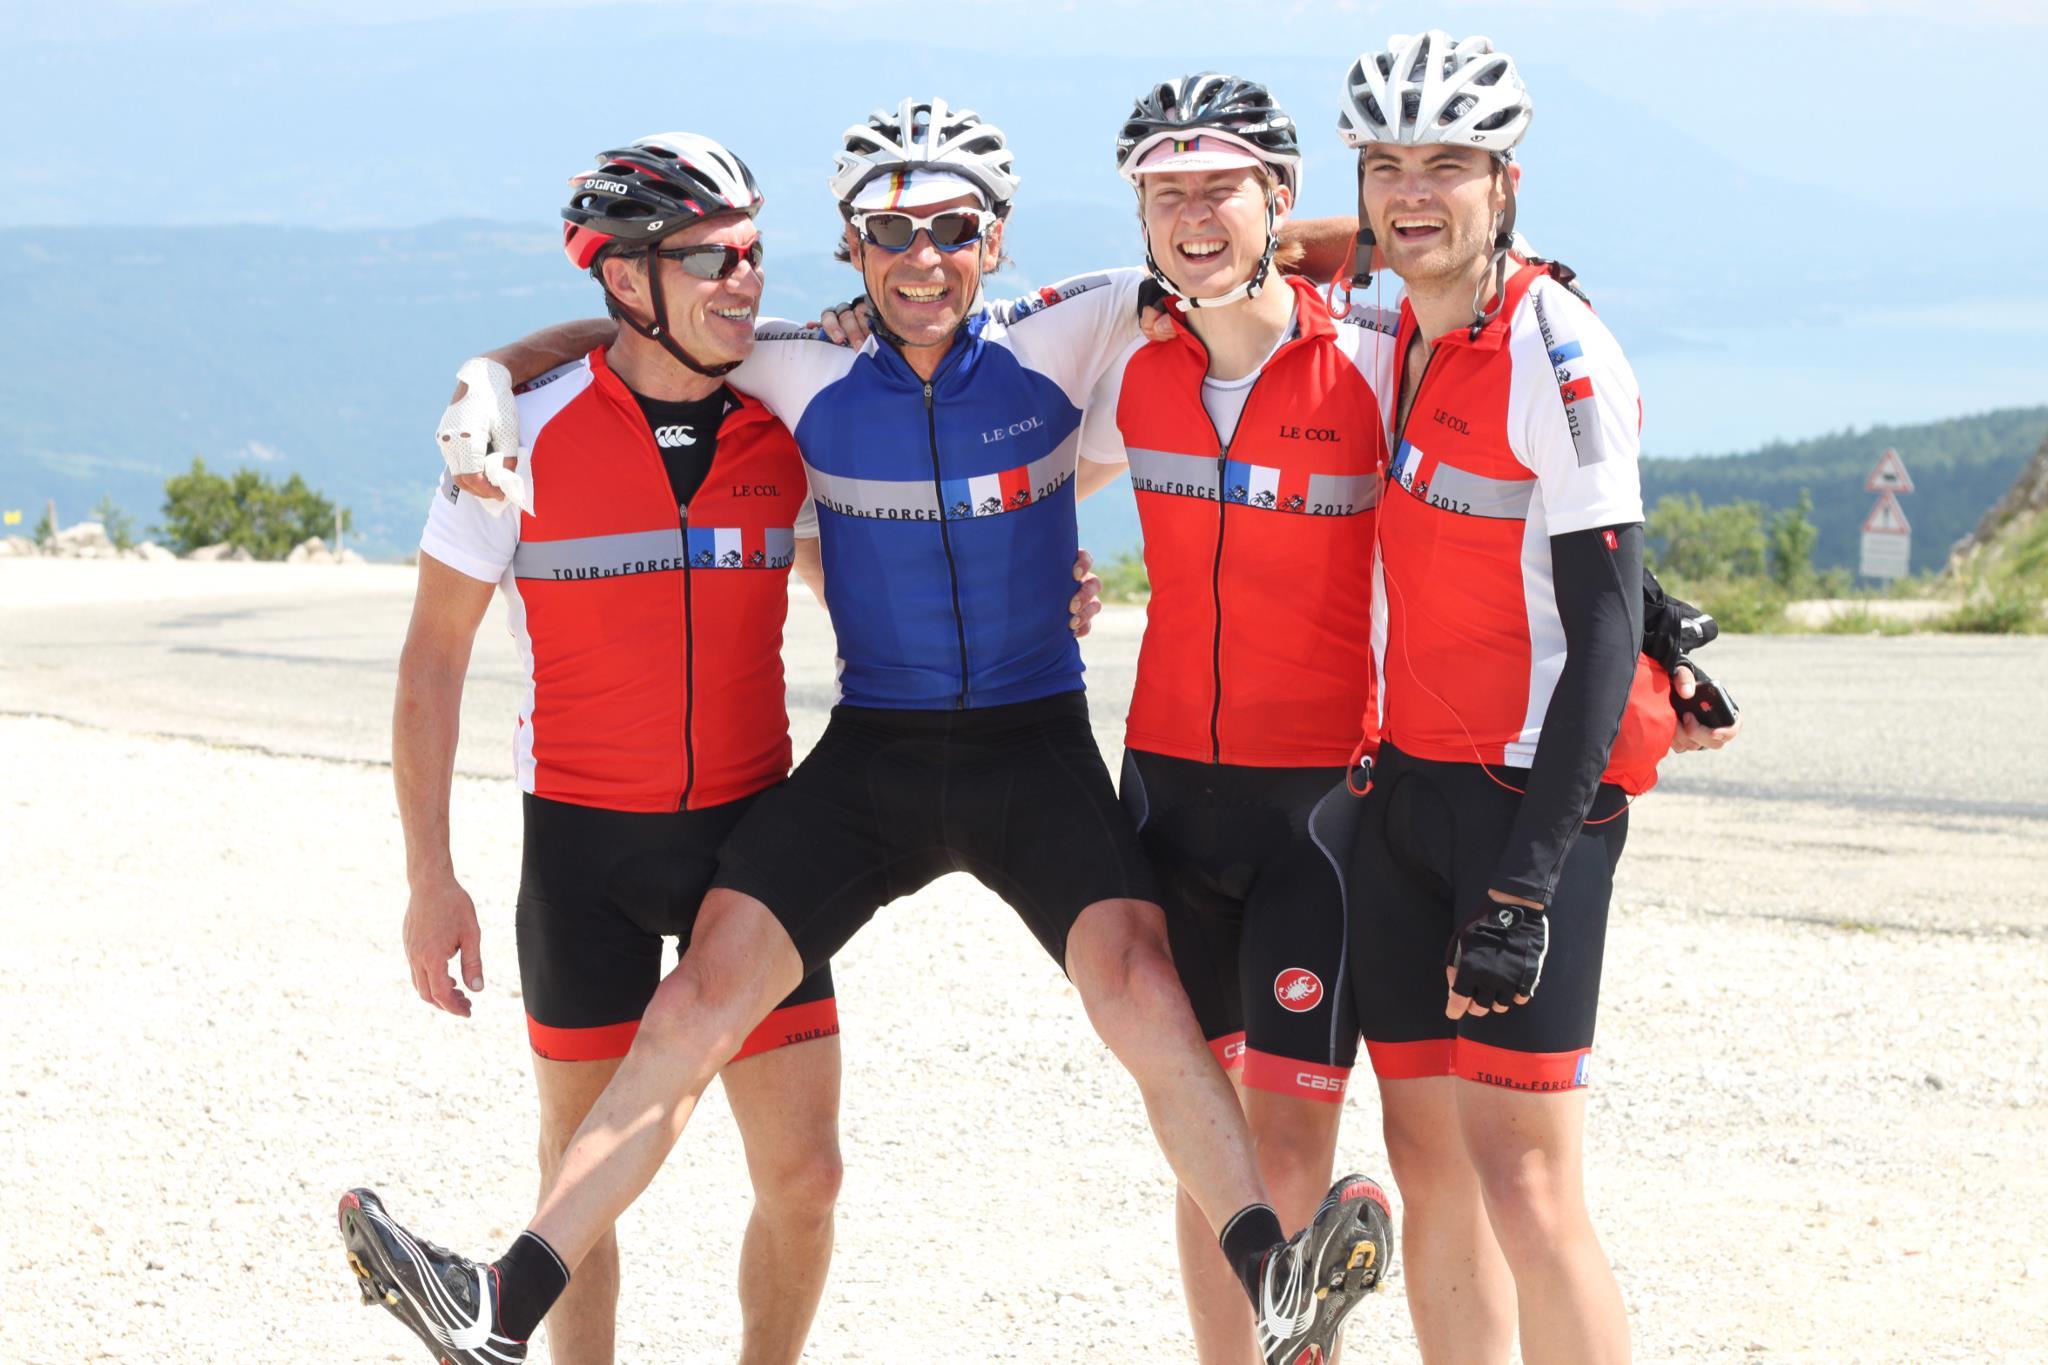 Tour De Force 2012